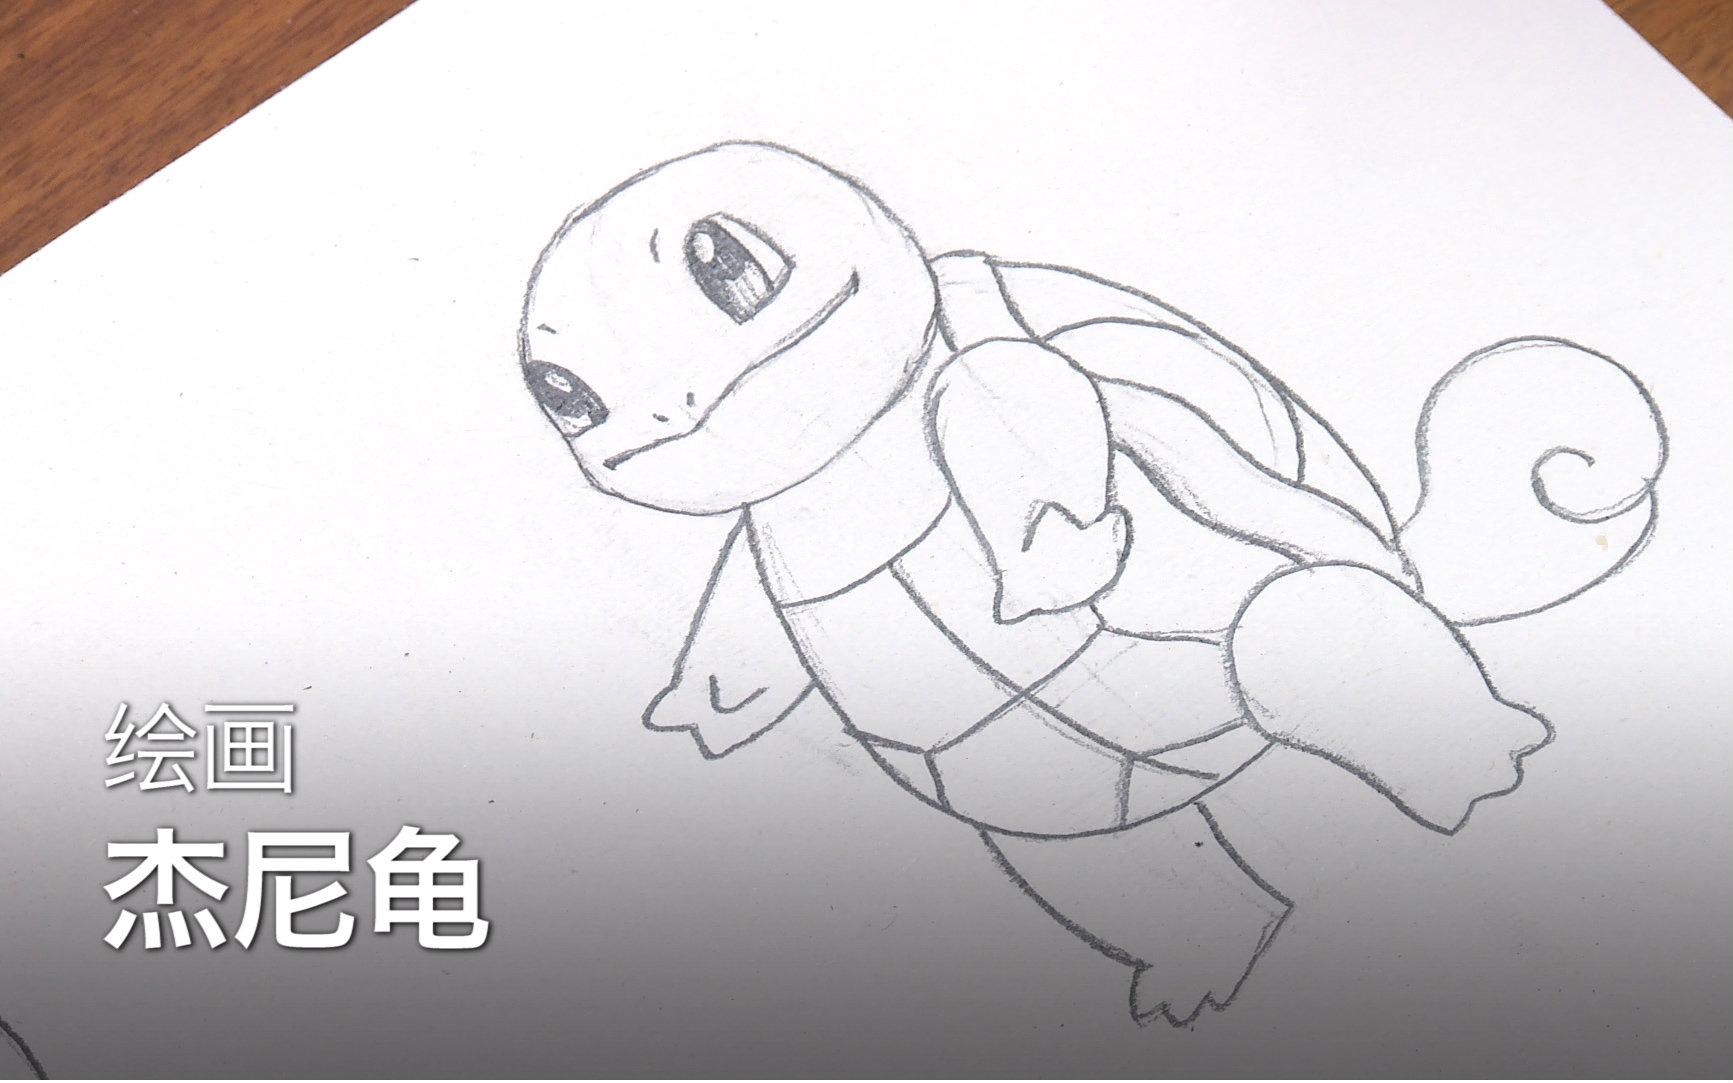 表情 杰尼龟笔画 图片 杰尼龟笔画 表情包gif动画 表情